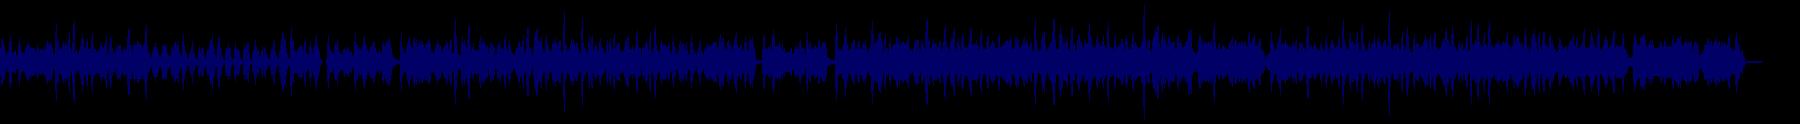 waveform of track #70507